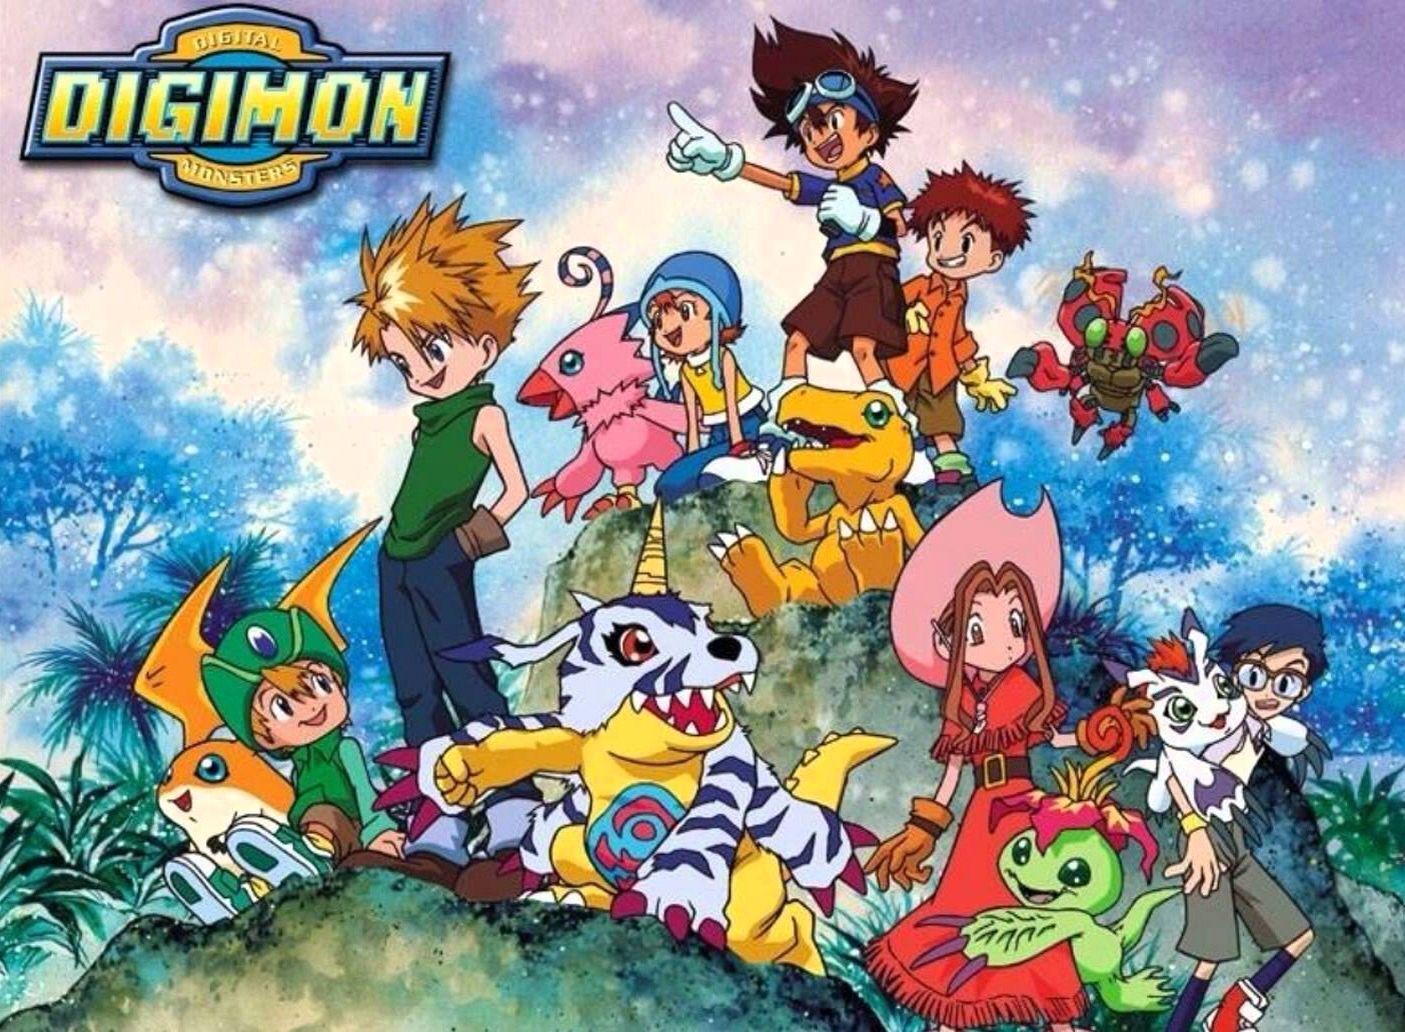 Buongiorno dai Digimon. (1999) - Digimon #90sAnd2000TvShows | Digimon  adventure, Digimon, Digimon adventure tri.